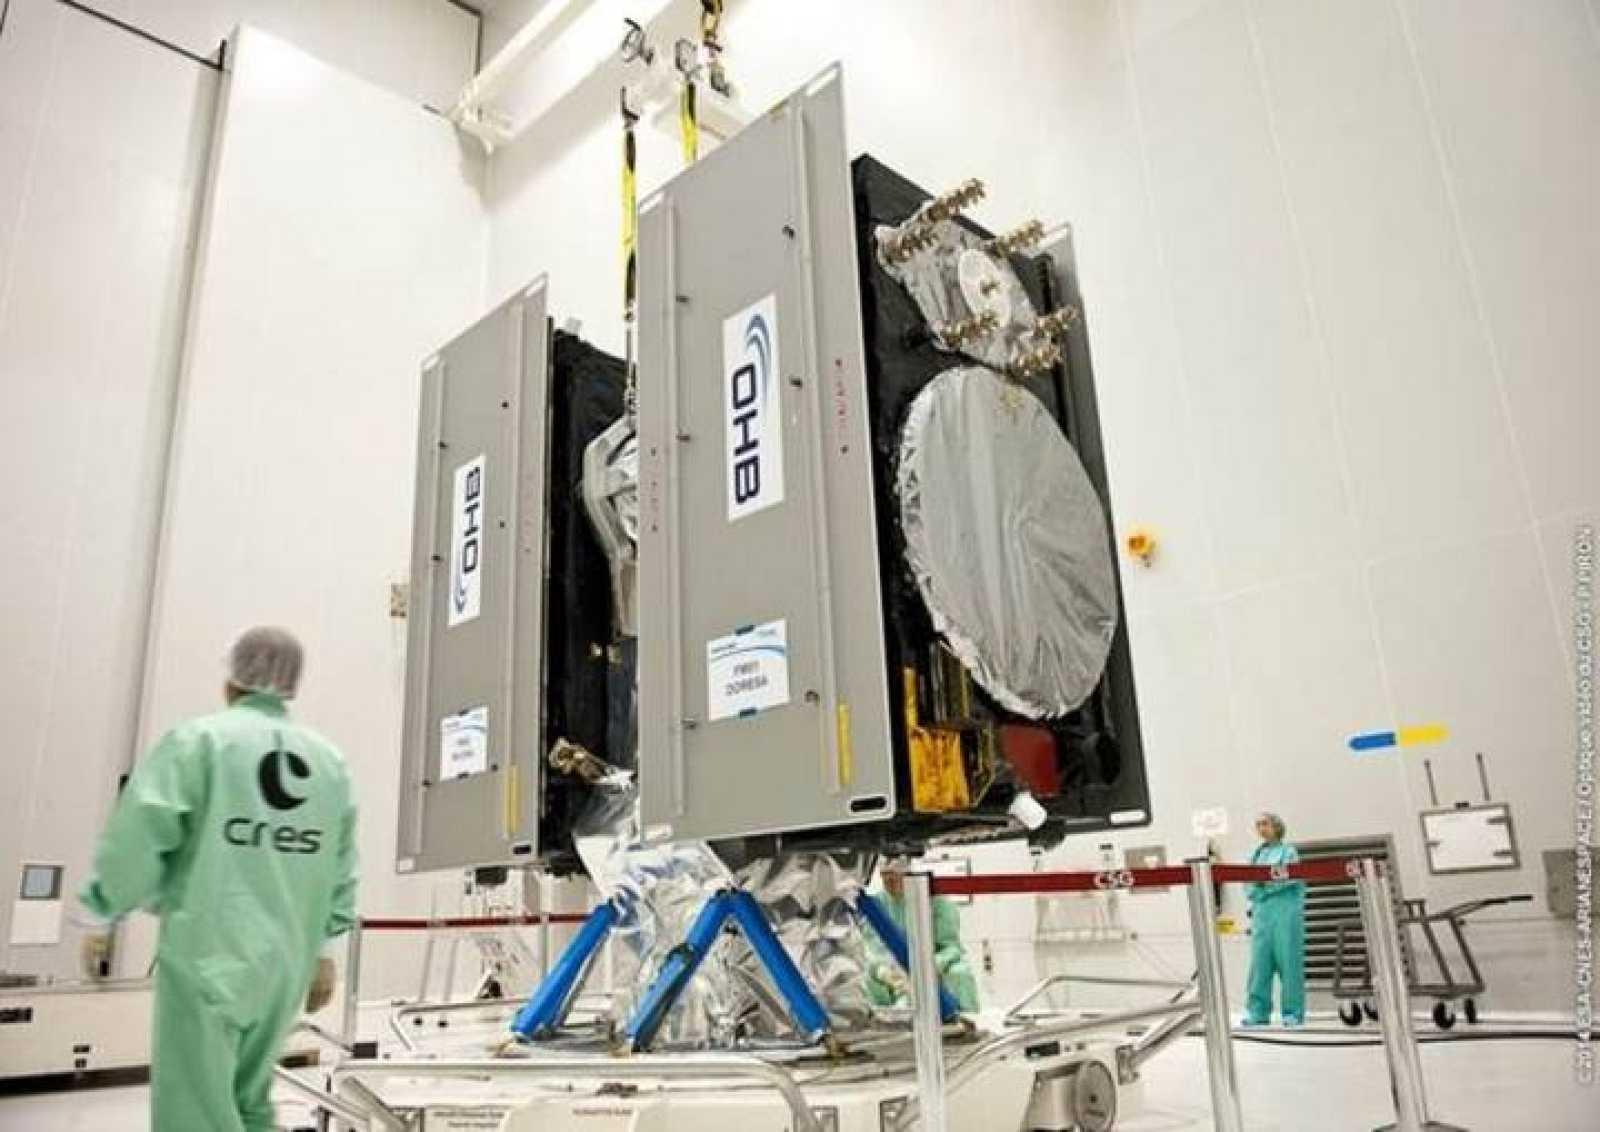 Dos nuevos satélites Galileo a punto de ser lanzados por la ESA.